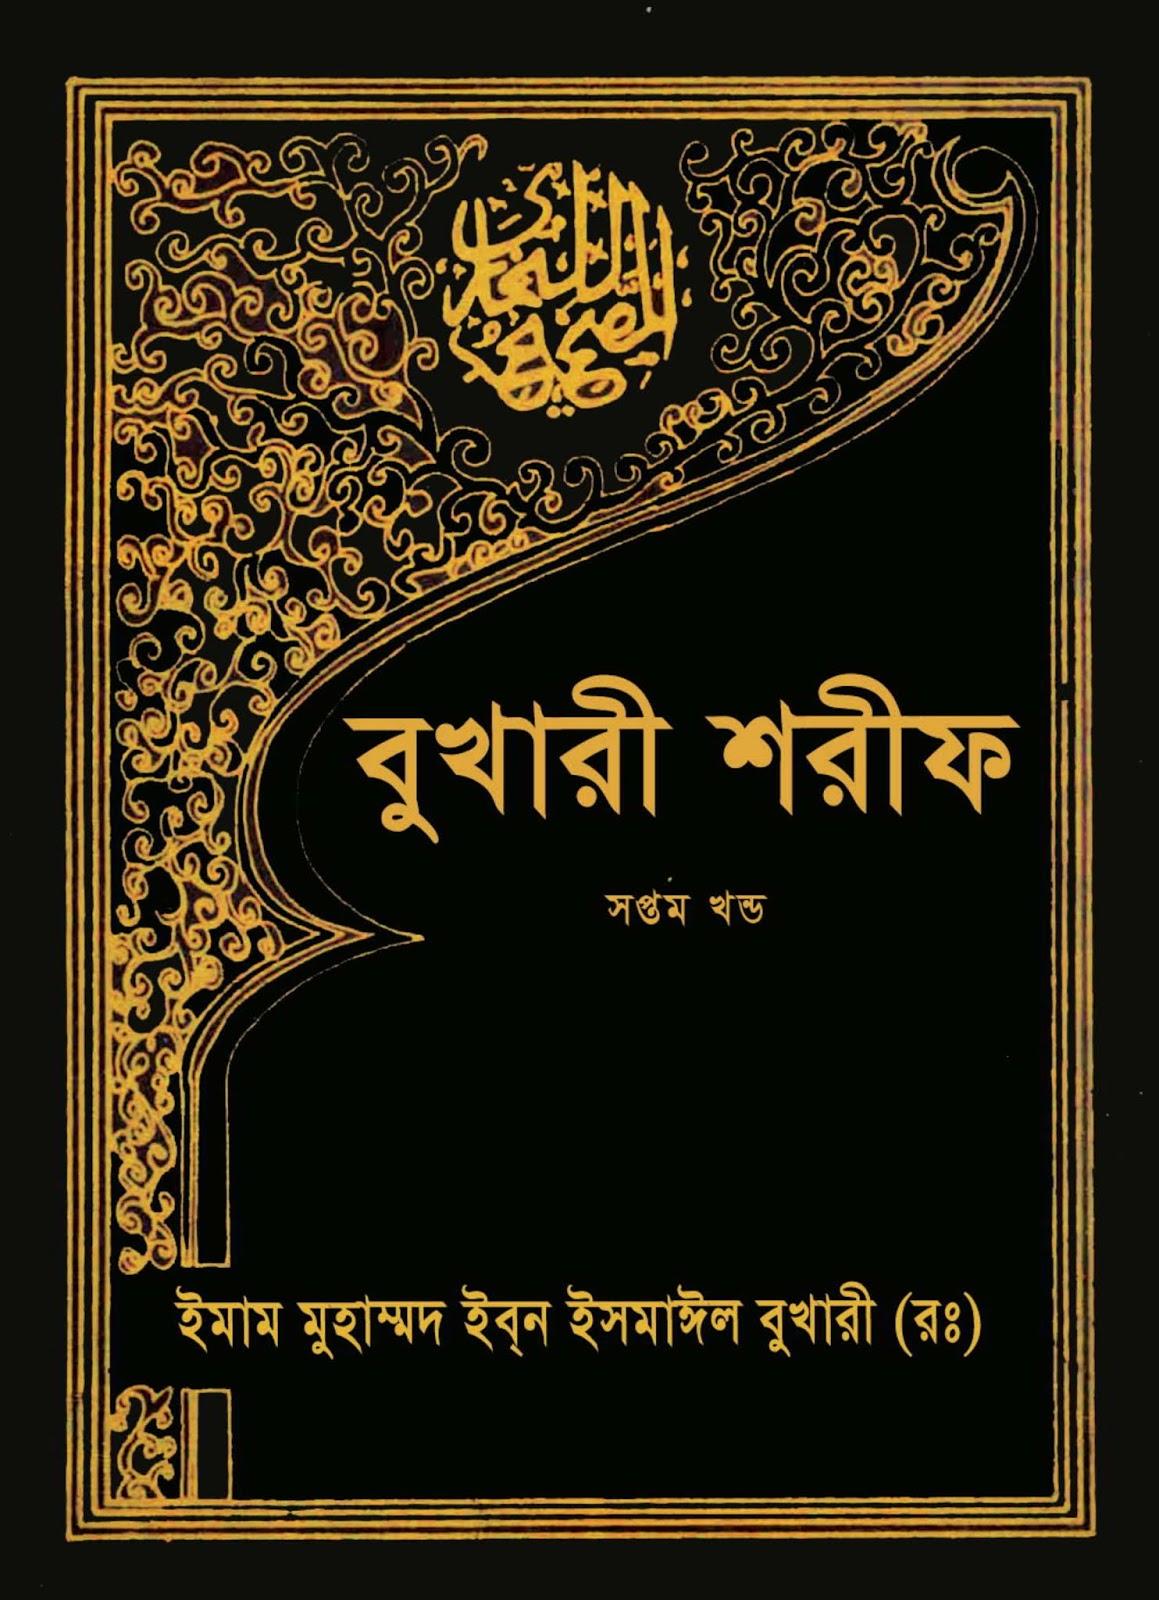 বোখারী শরীফ ৭ম খন্ড pdf | বোখারী শরীফ ফ্রিতে ডাউনলোড করুন | bangla hadith | bangla hadis | hadithbd | হাদিস